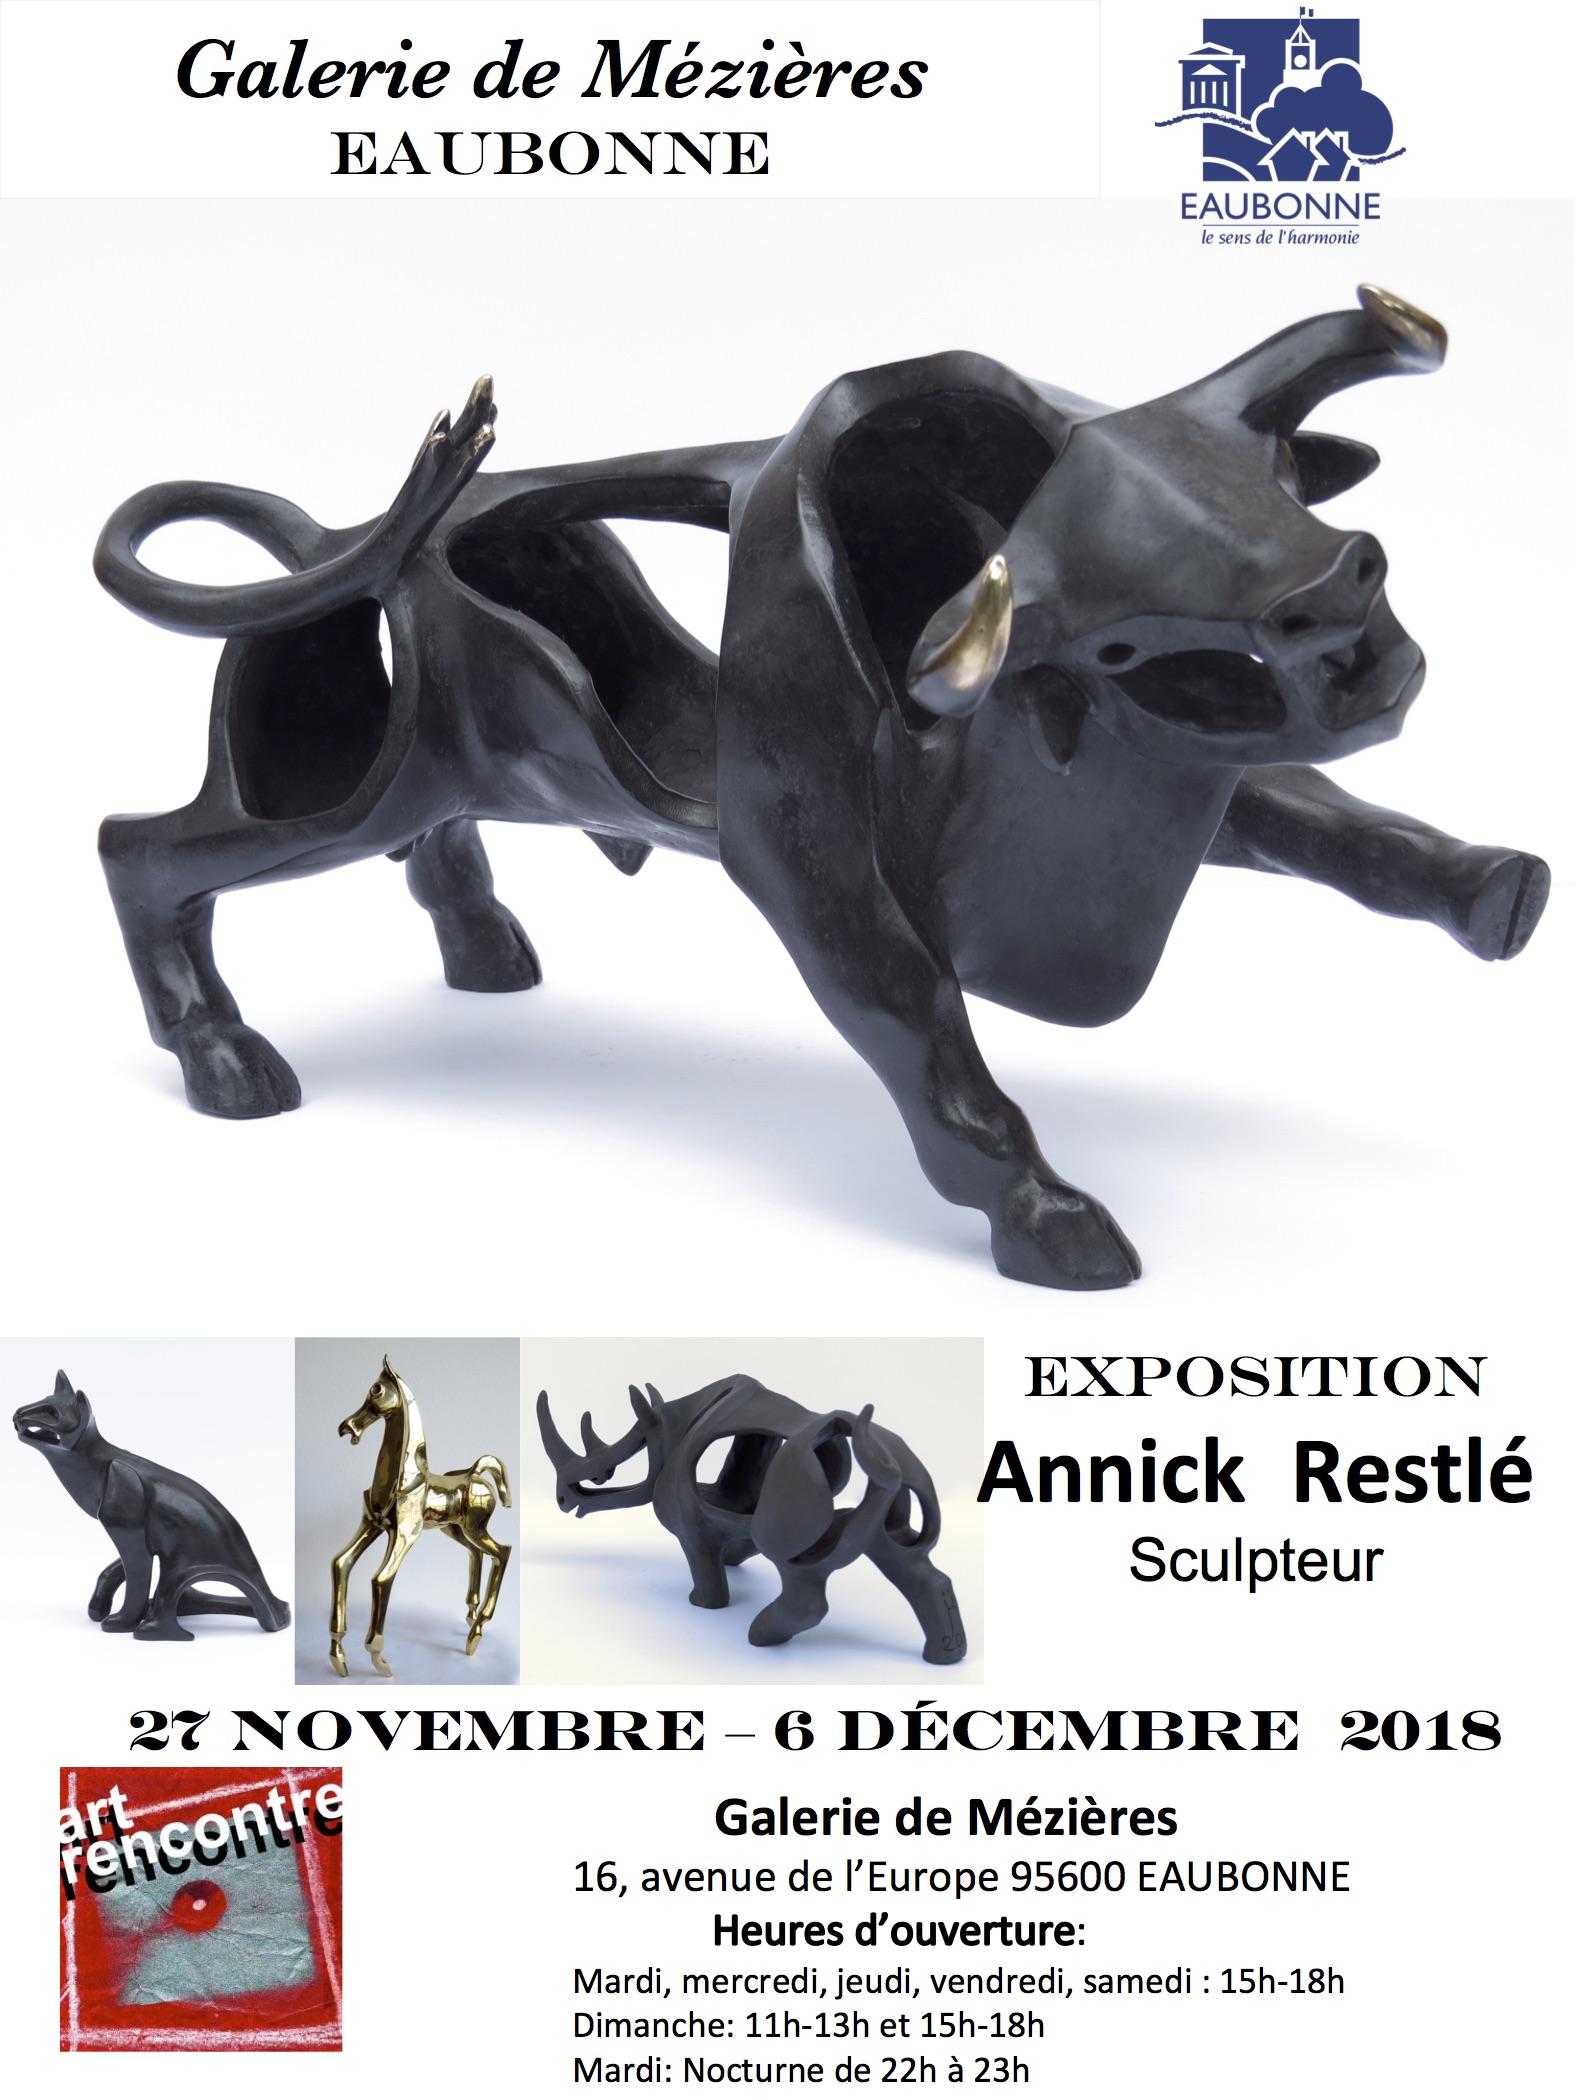 Exposition d'Annick Restlé